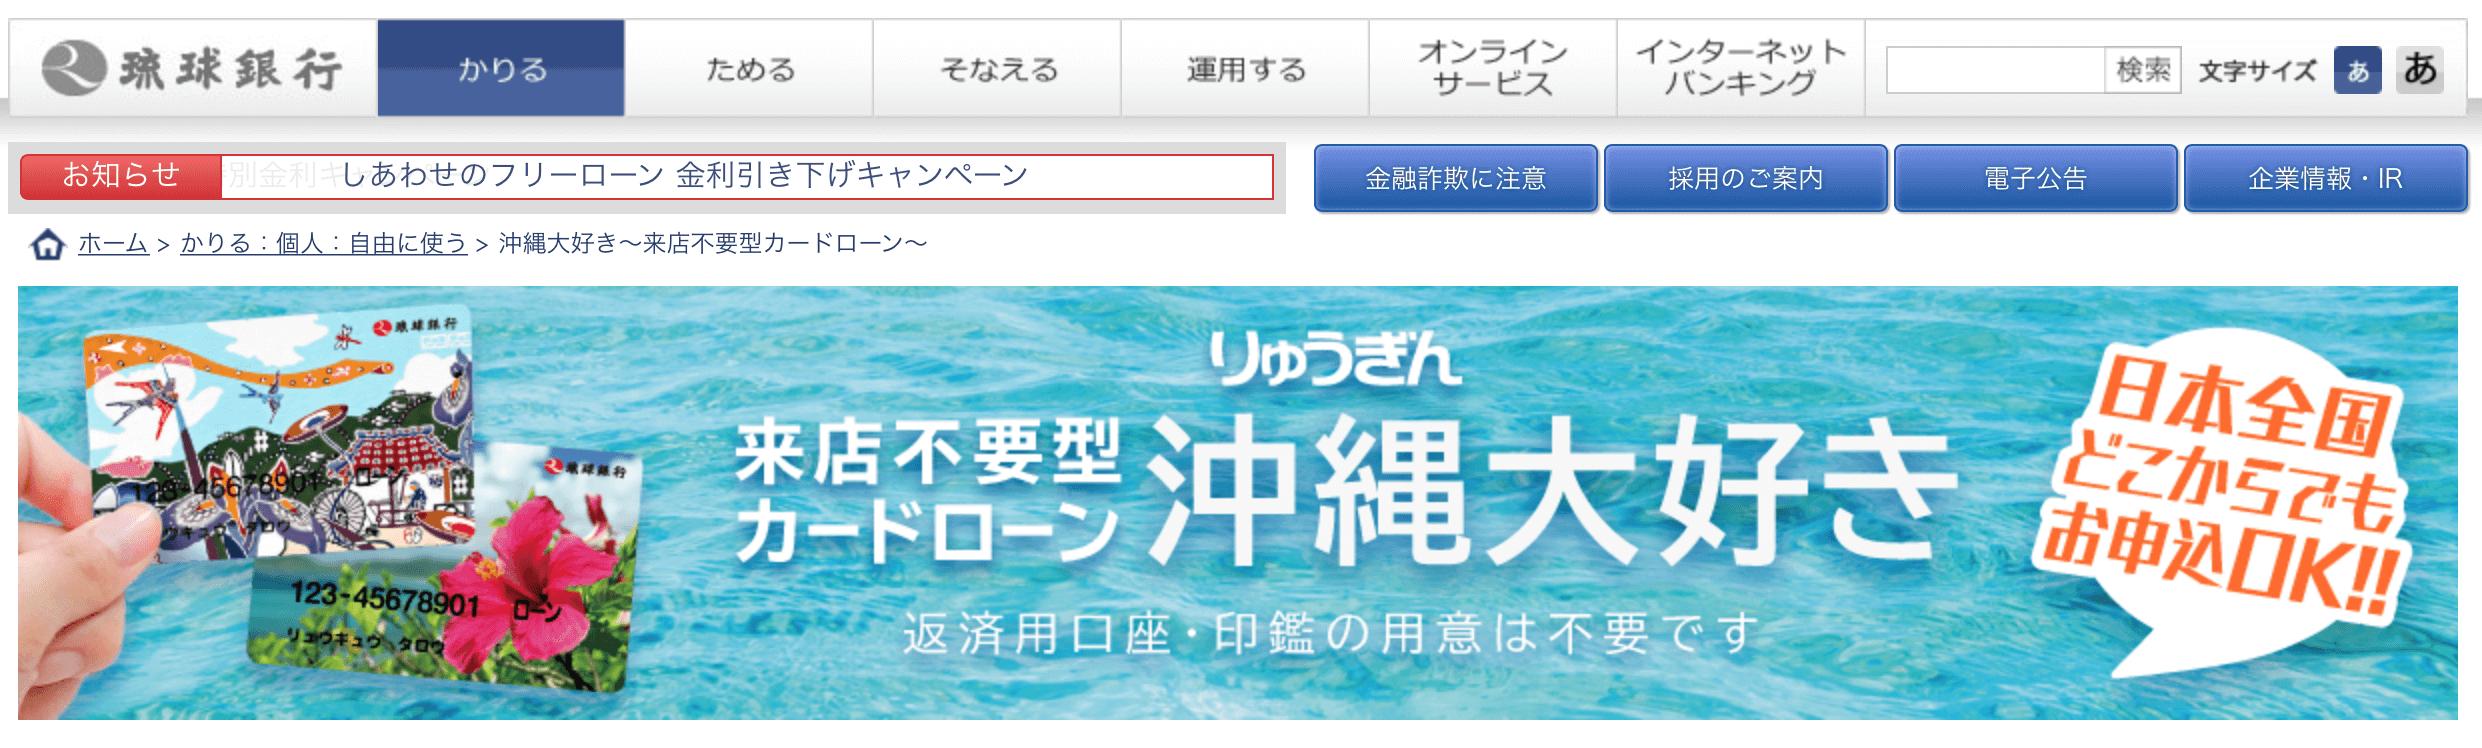 沖縄大好き~来店不要型カードローン~の公式ページ